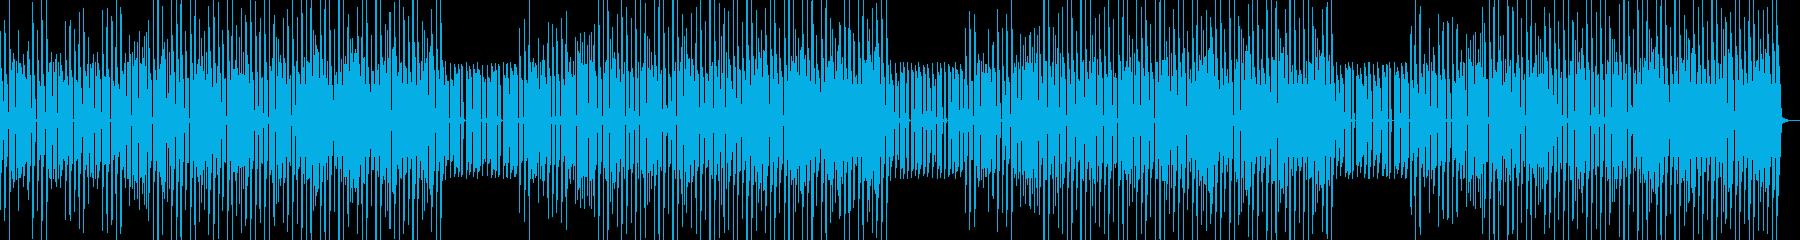 トレーニングの動画などに使えるBGMの再生済みの波形